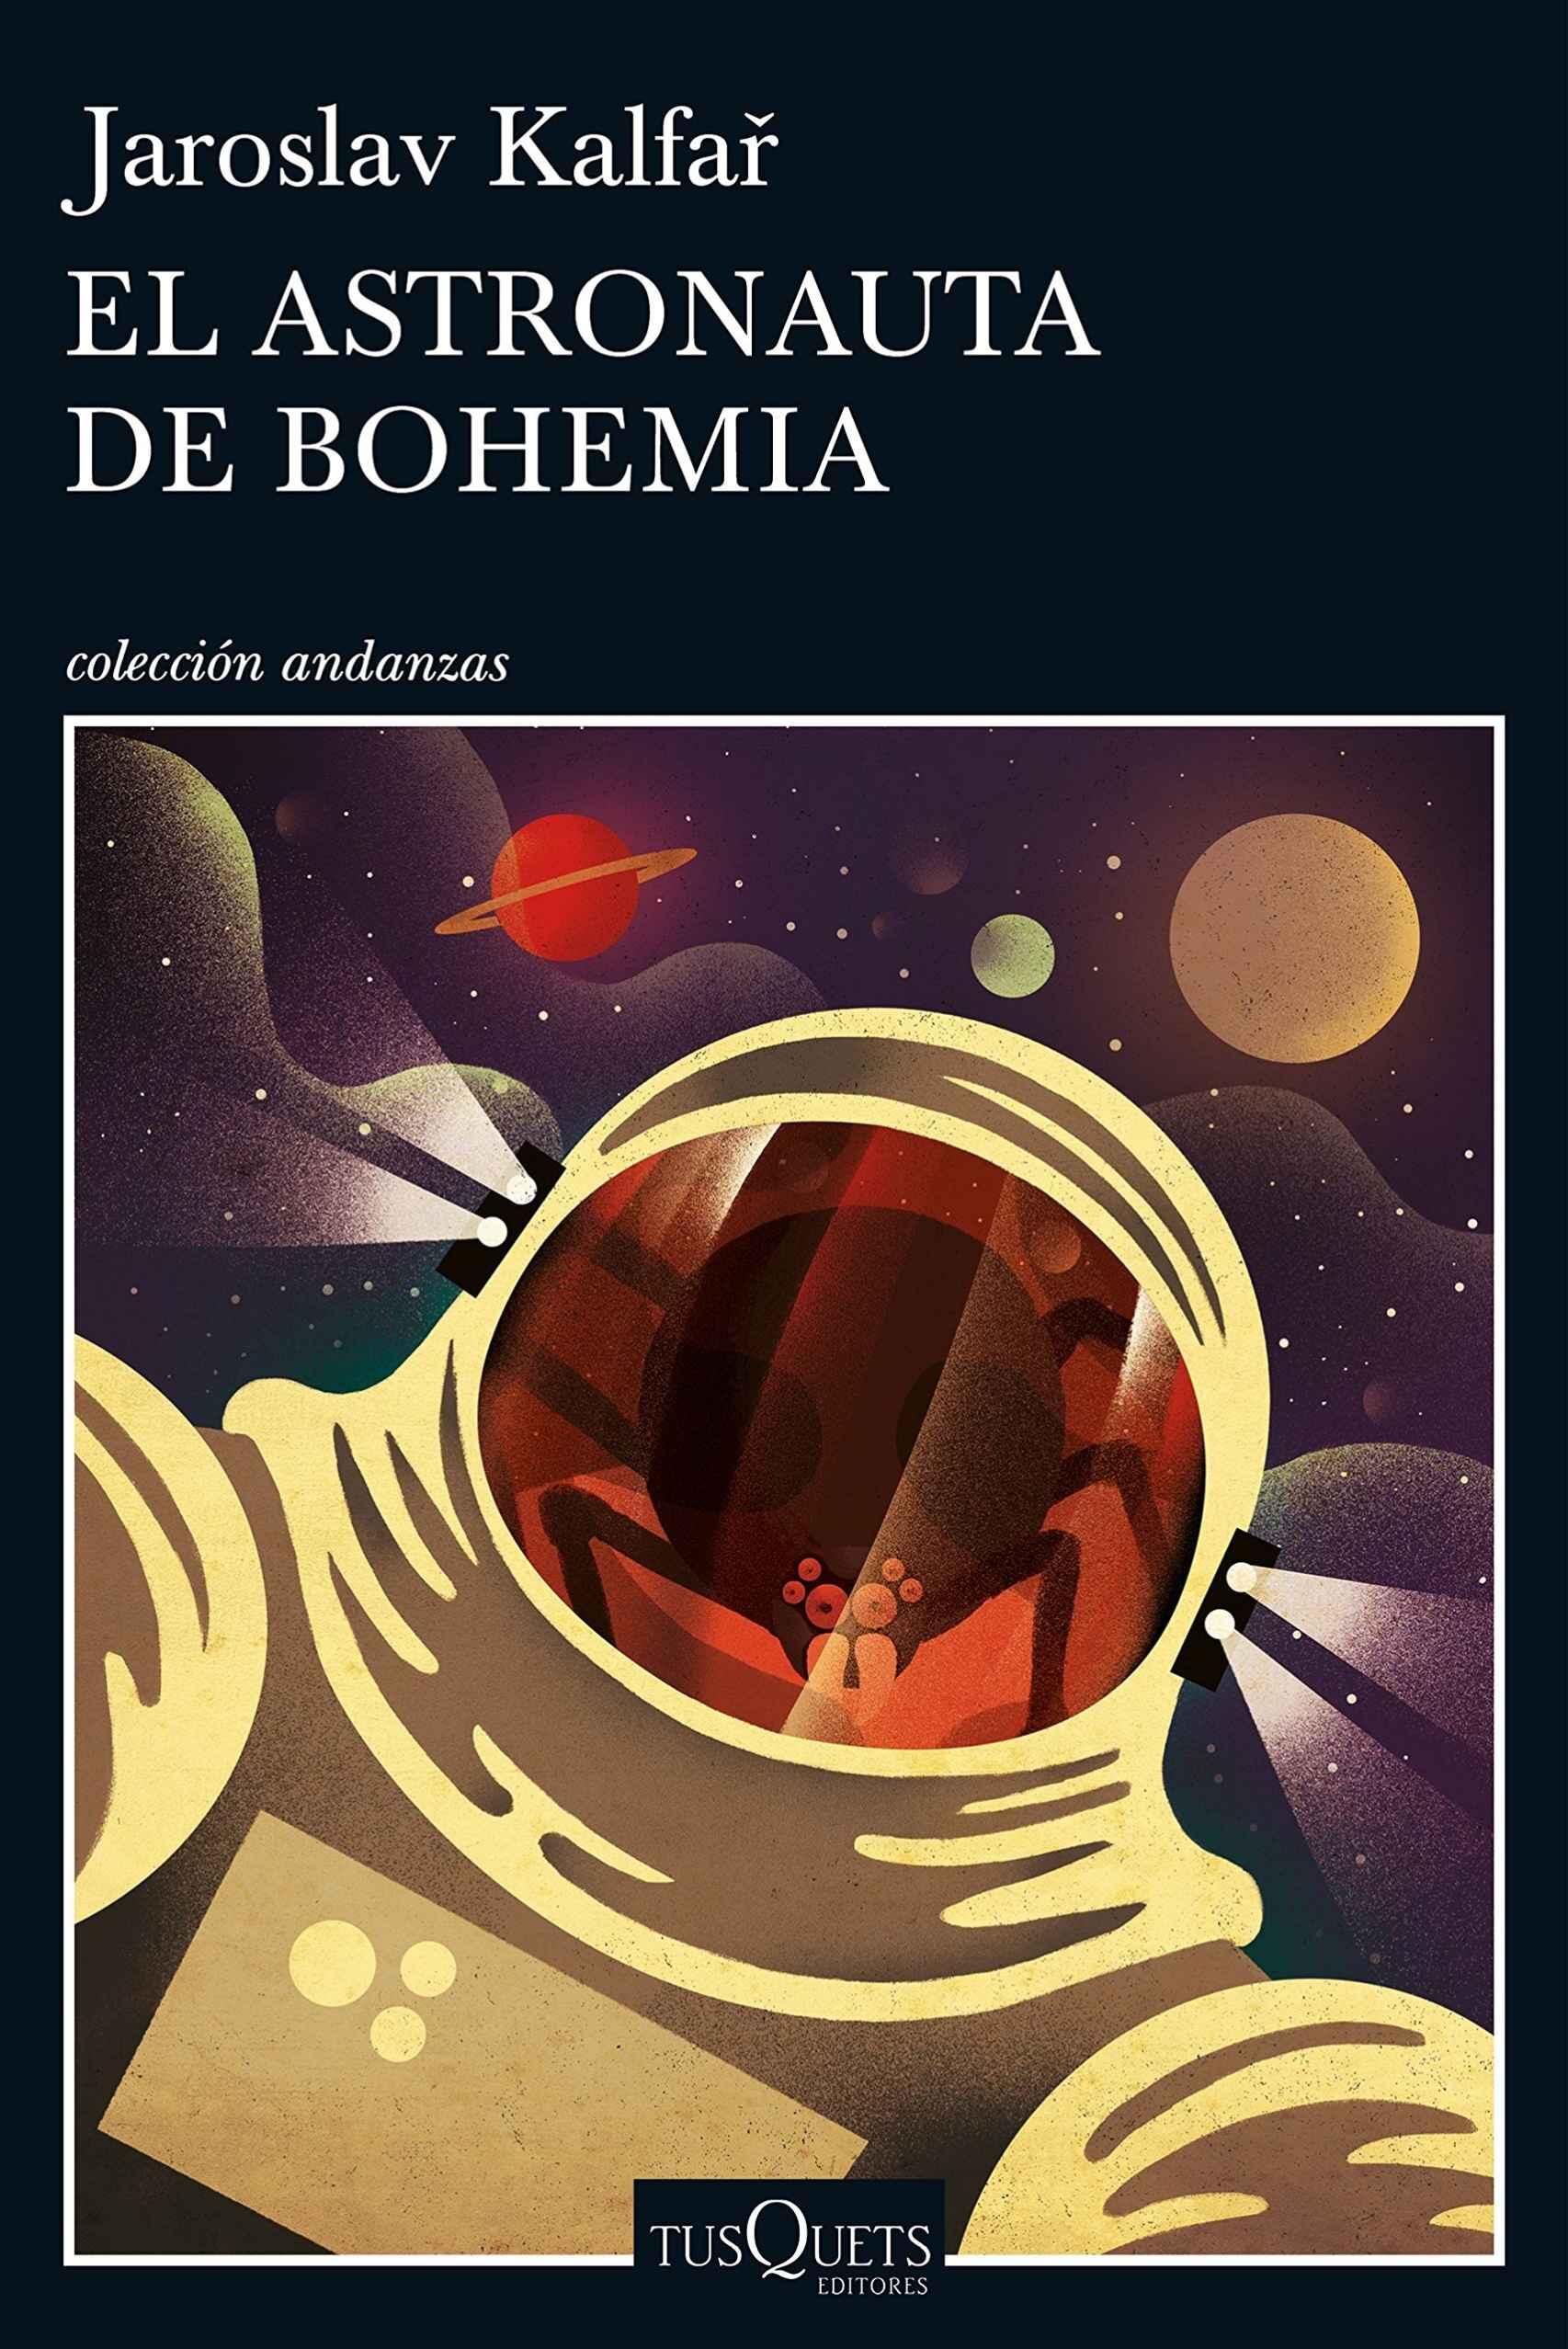 'El astronauta de Bohemia'.